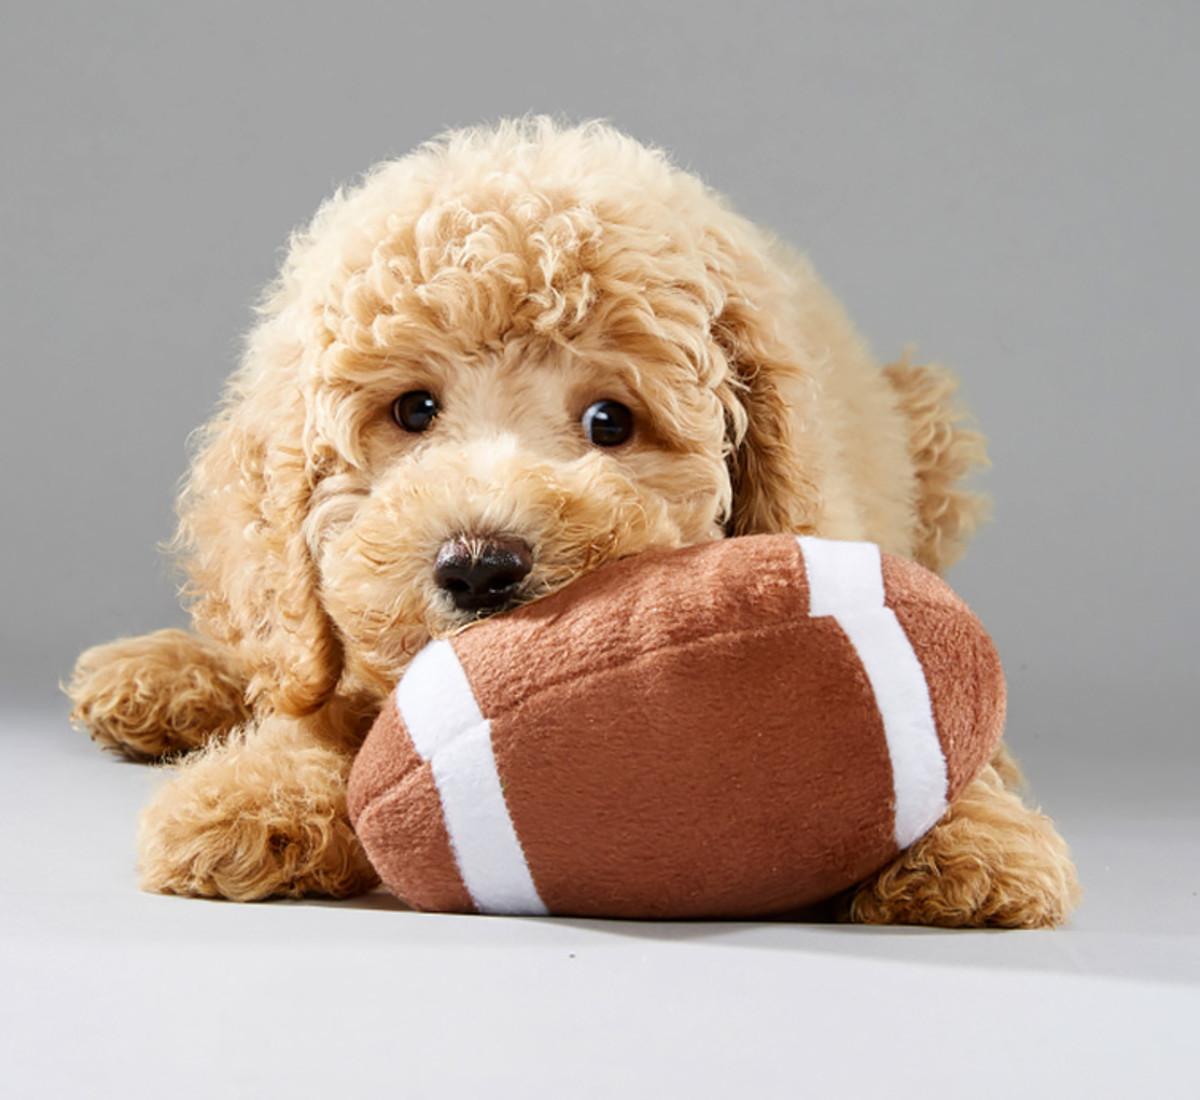 oliver_florida-little-dog-rescue_team-fluff_2.jpg